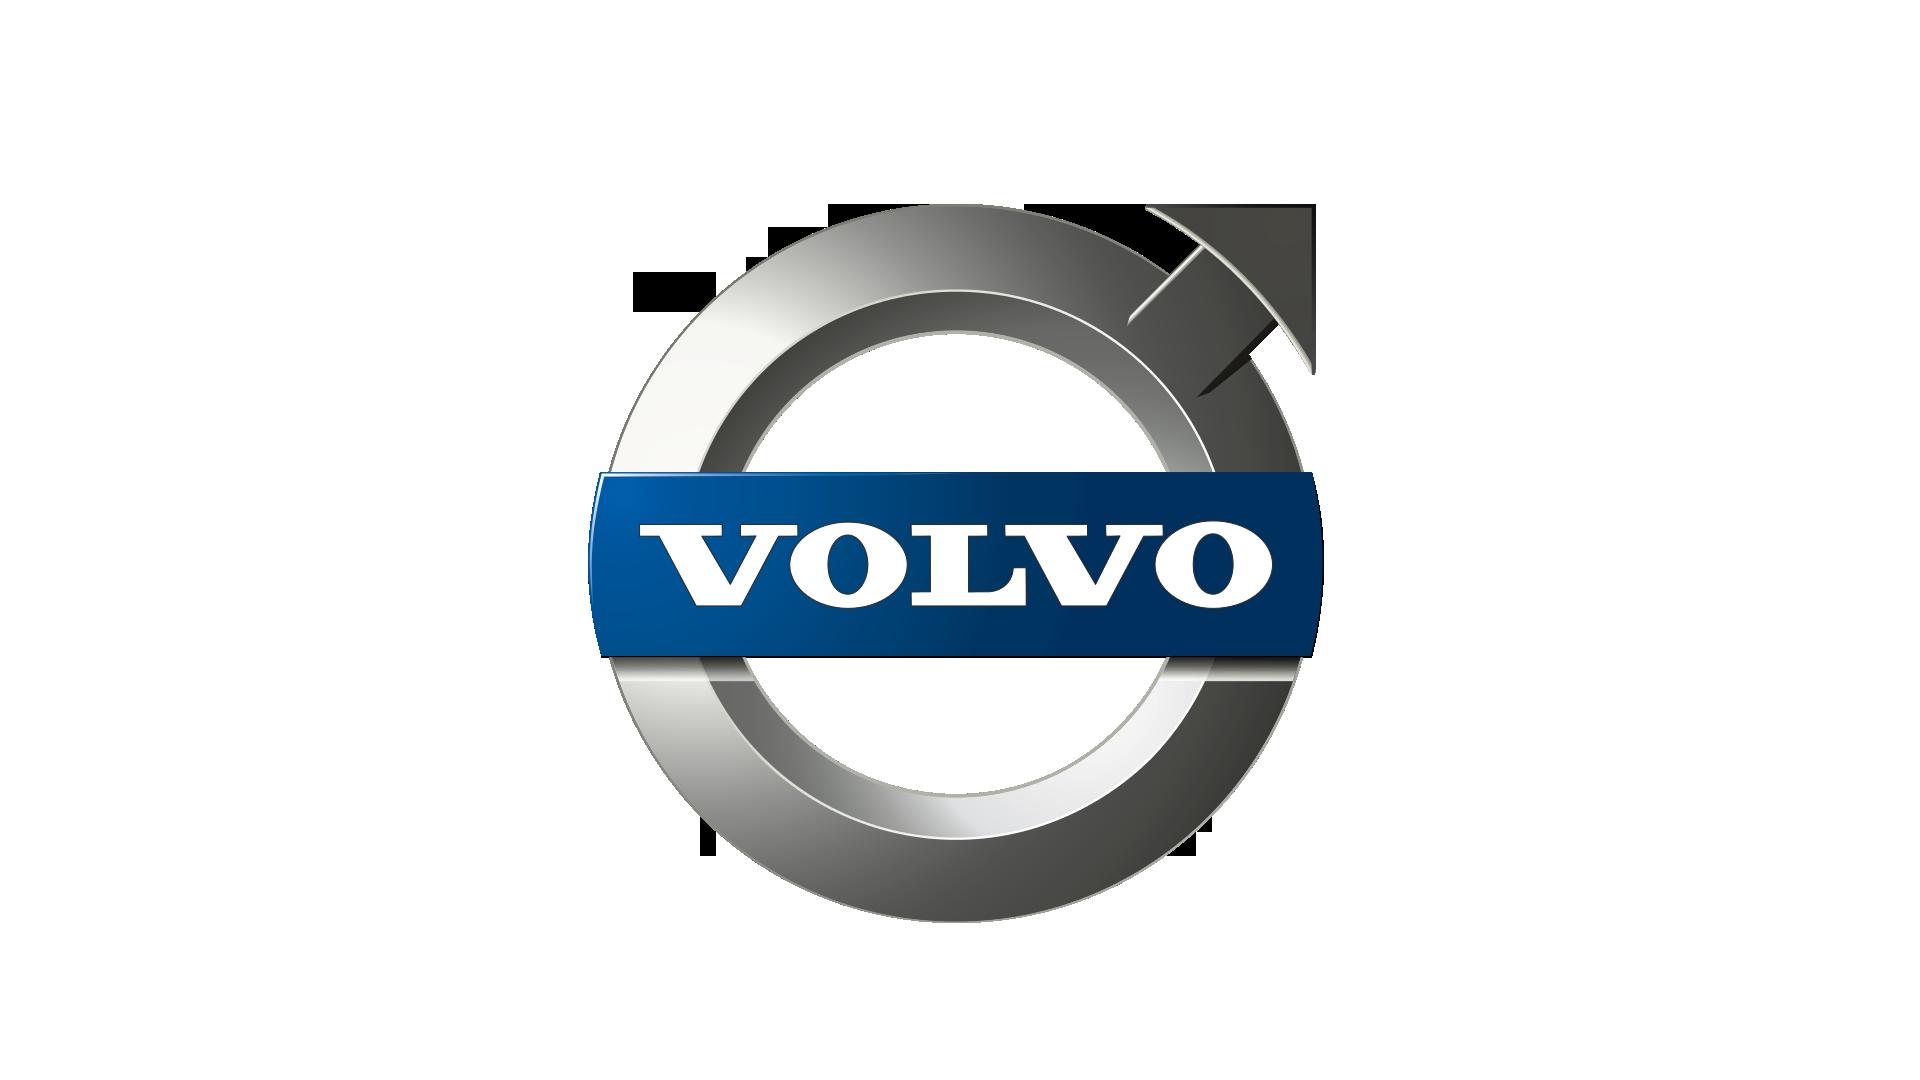 volvo-logo-2006-1920x1080